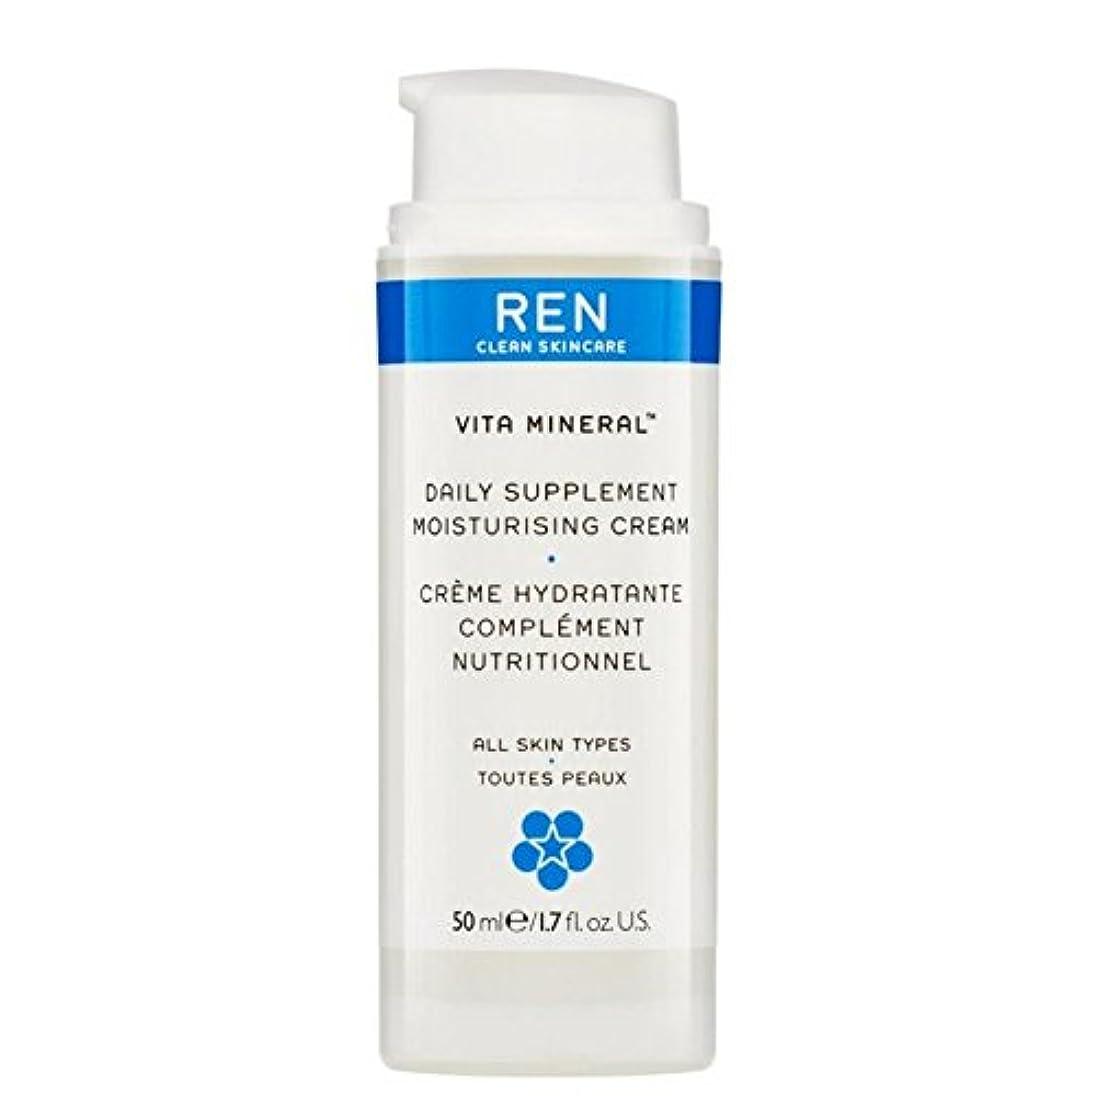 ほんの位置するガムヴィータミネラル毎日サプリメント保湿クリーム x4 - REN Vita Mineral Daily Supplement Moisturising Cream (Pack of 4) [並行輸入品]